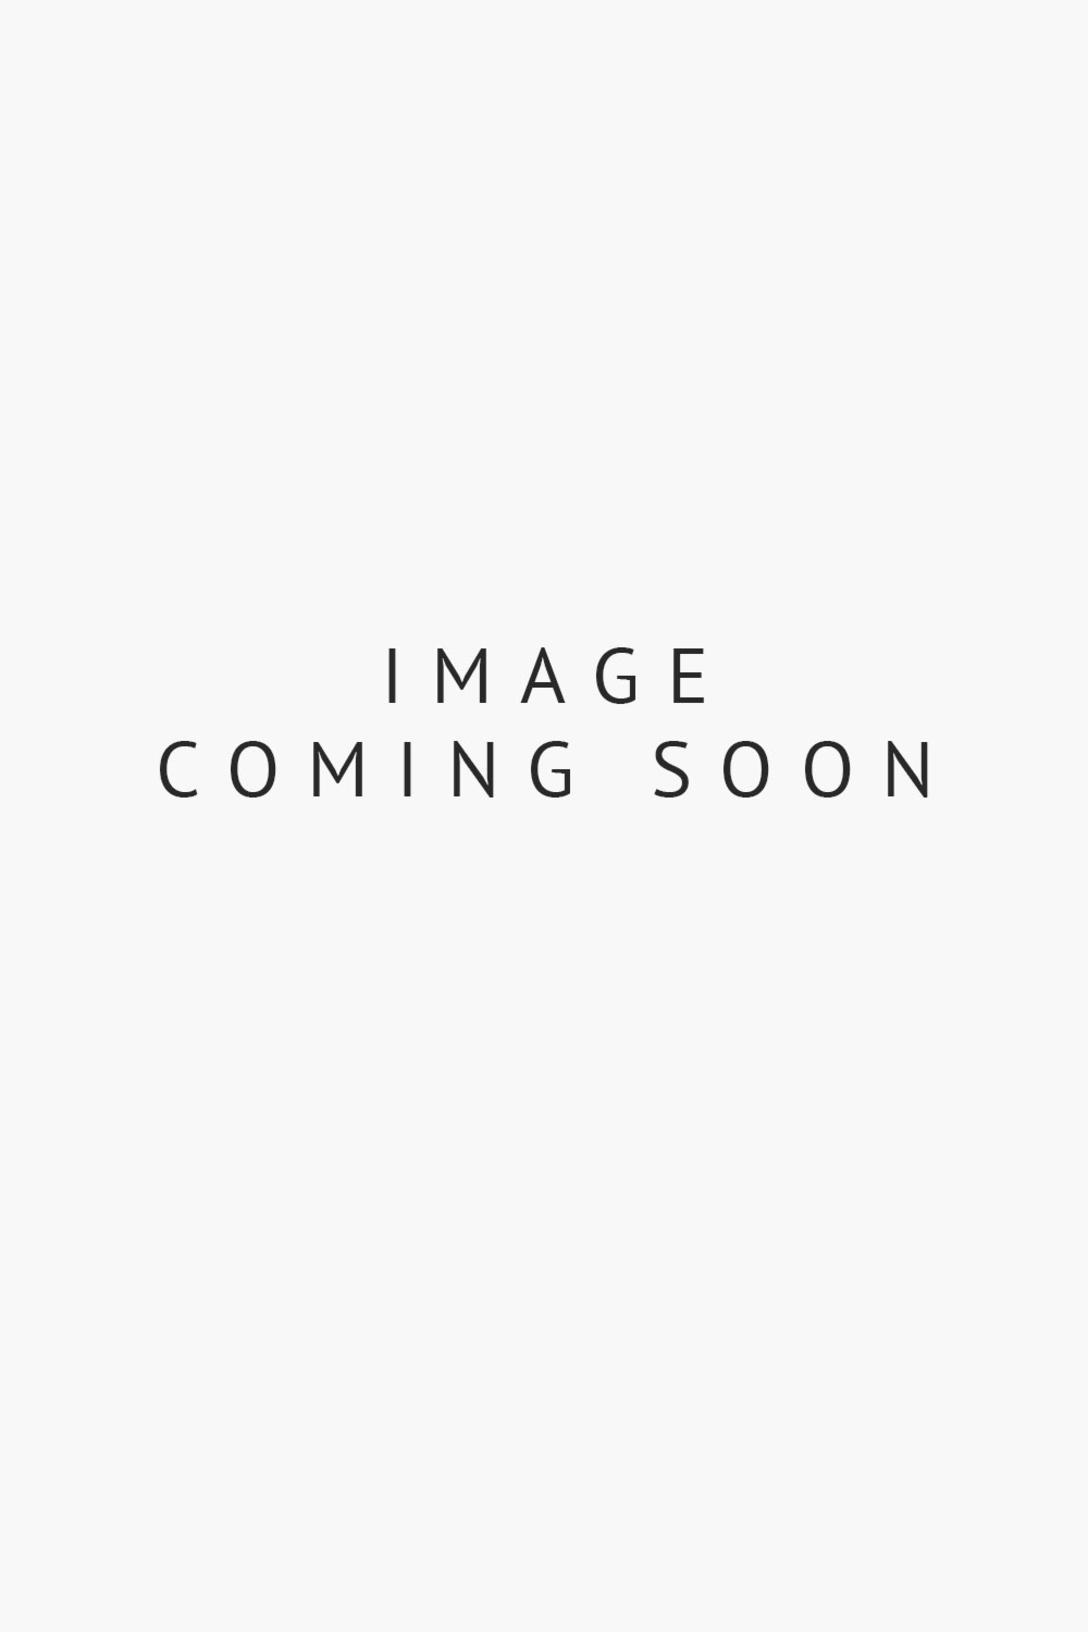 Crystal Whisky Tumbler Glasses- 310 ml Set Of 4